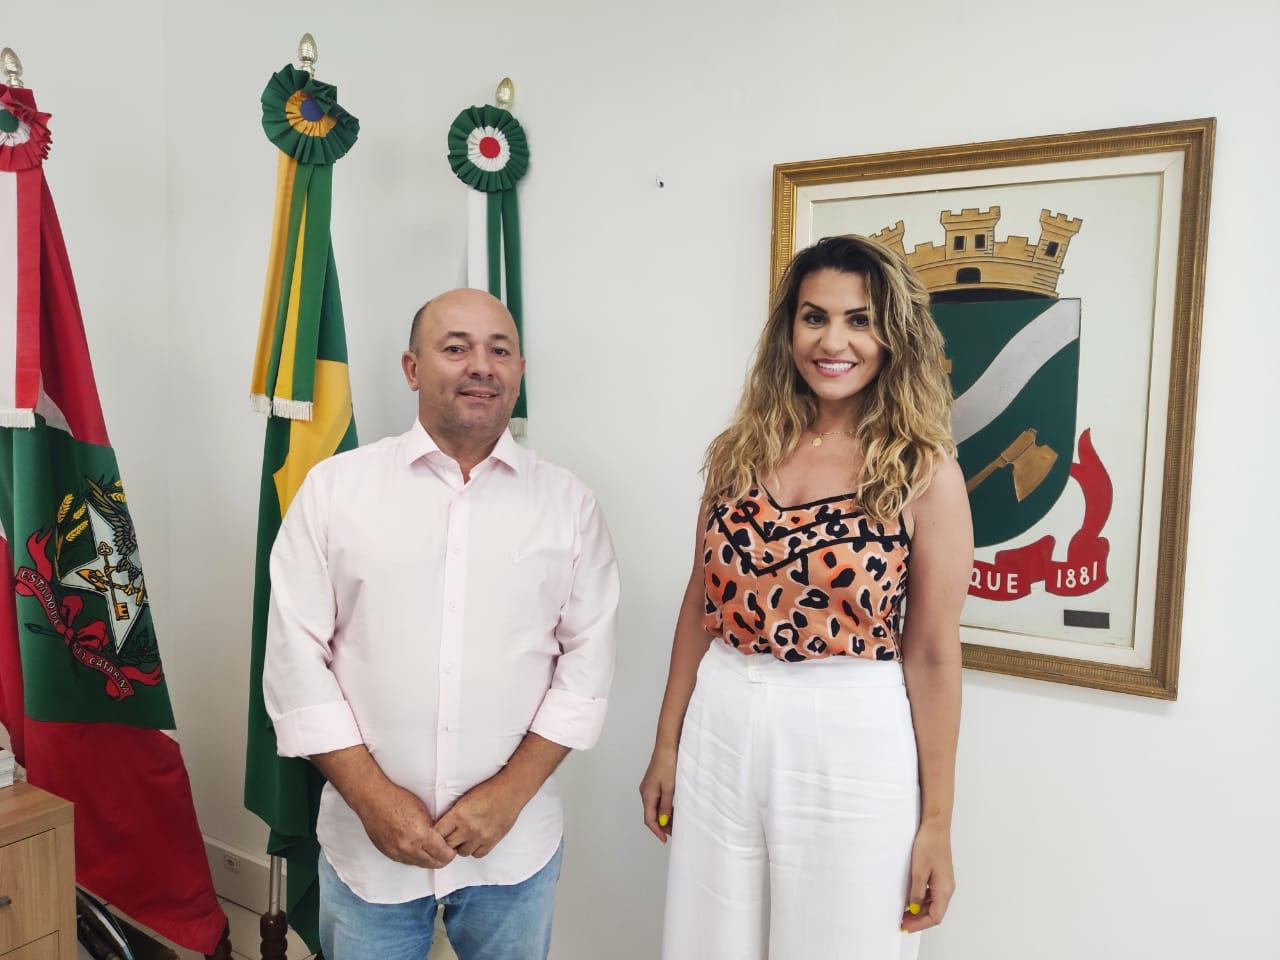 Prefeitura anuncia nova superintendente para Fundação Cultural